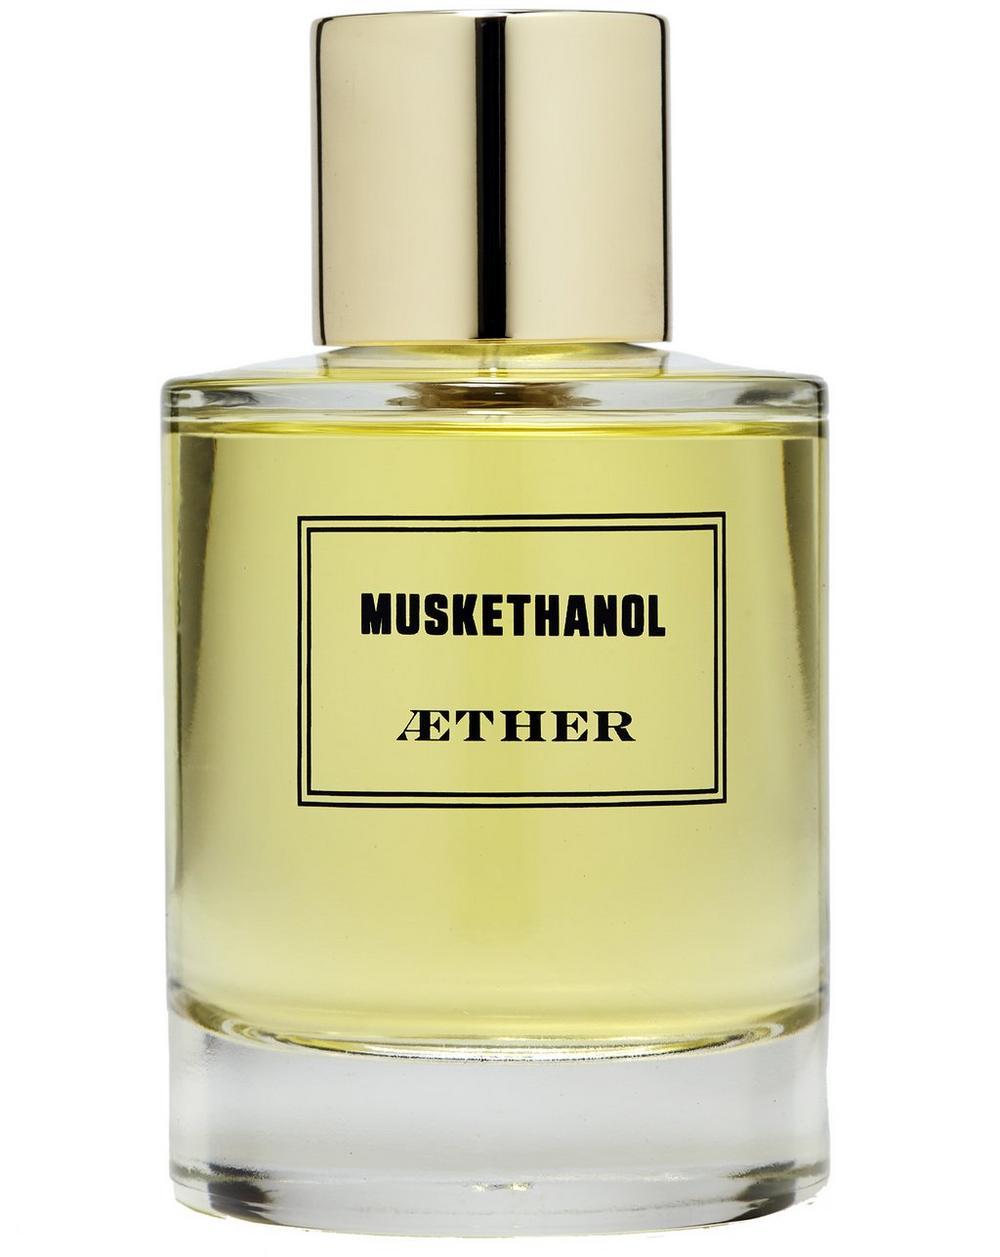 Muskethanol Eu de Parfum 100ml